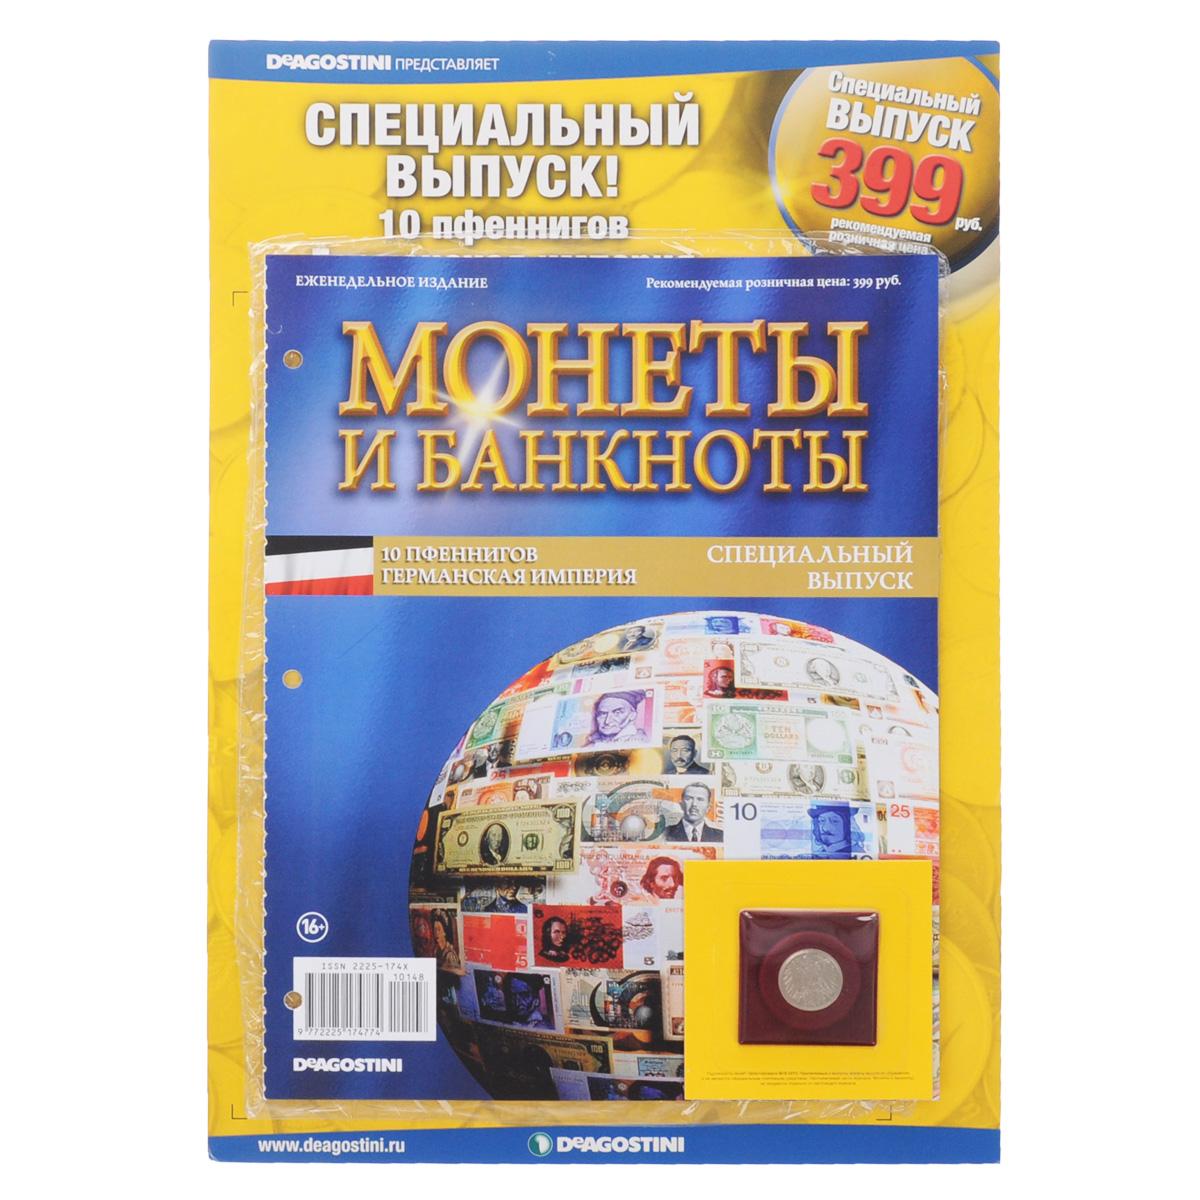 Журнал Монеты и банкноты. Специальный выпуск №1 монеты в сургуте я продаю